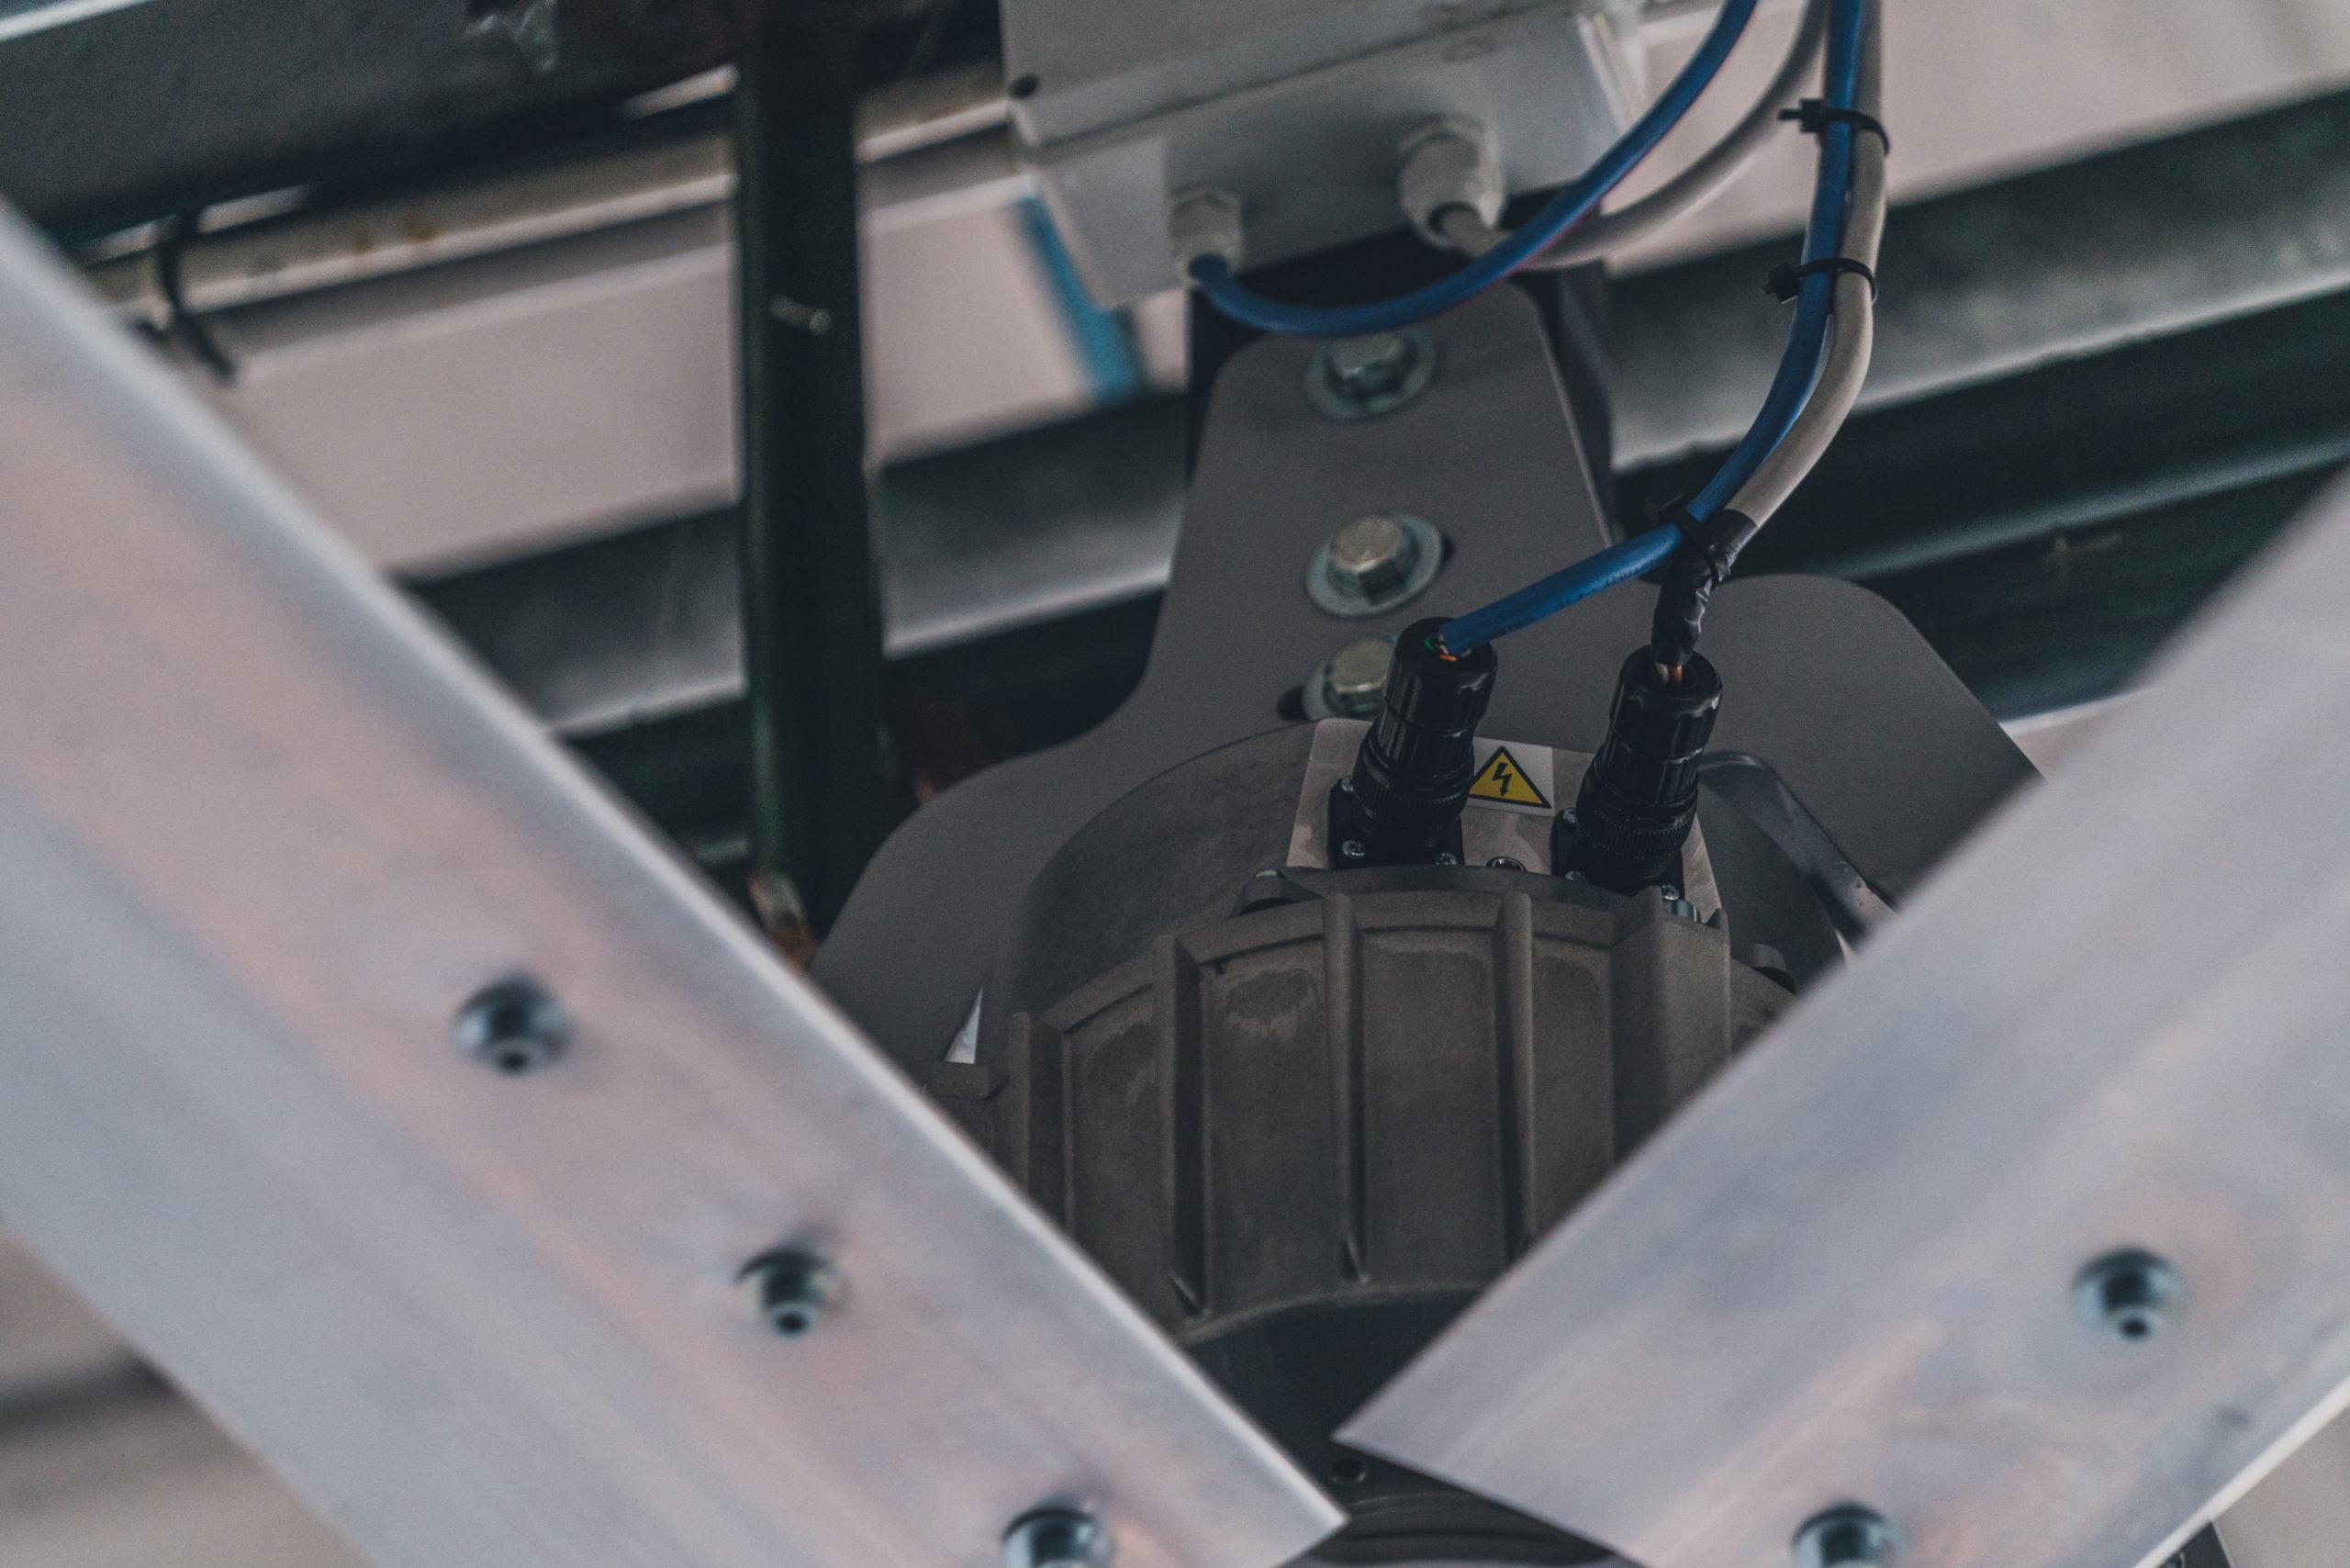 Optimvent® - Los mejores Ventiladores Industriales HVLS de techo - Ventiladores HVLS Optimvent - ventilator OptimVent scaled - Optimvent® - Los mejores Ventiladores Industriales HVLS de techo